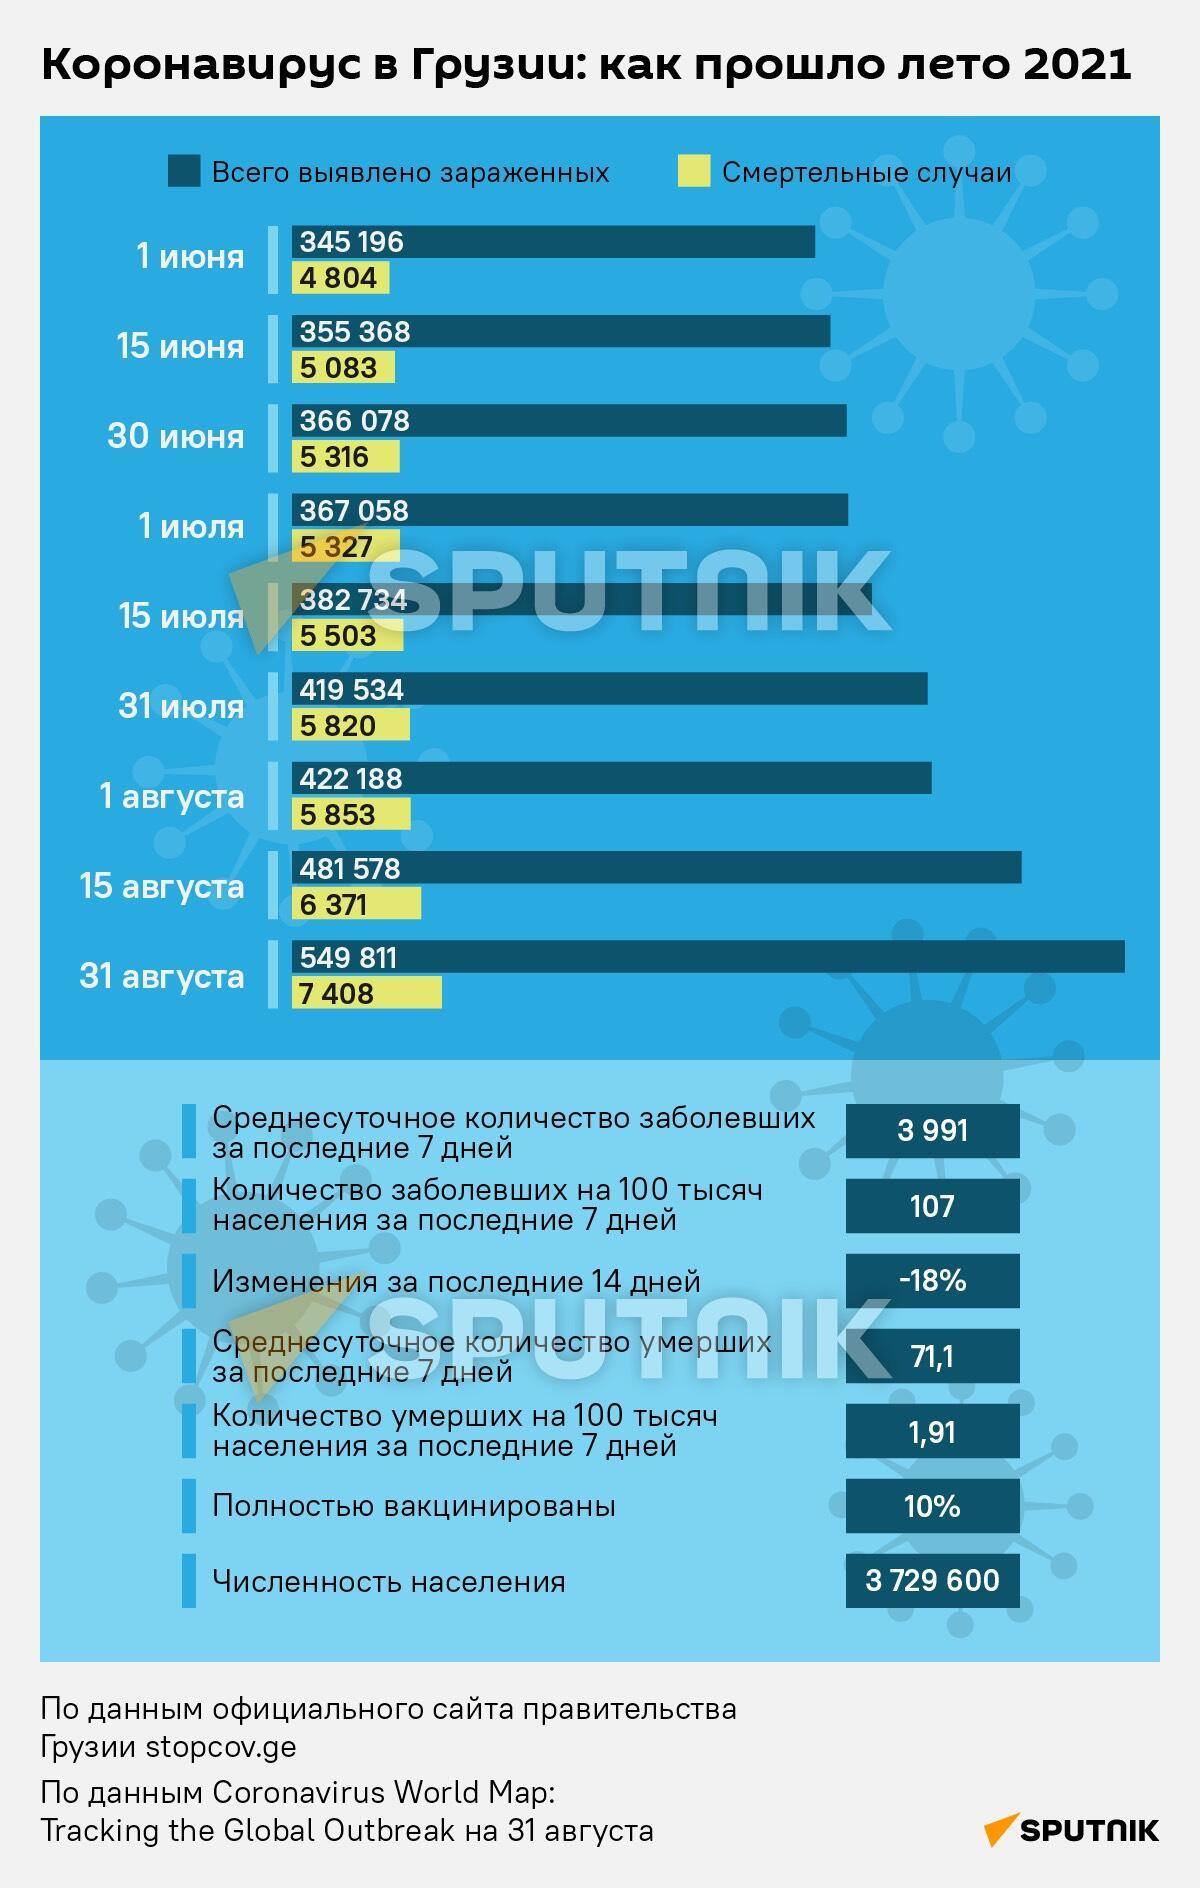 Коронавирус в Грузии: как прошло лето 2021 - Sputnik Грузия